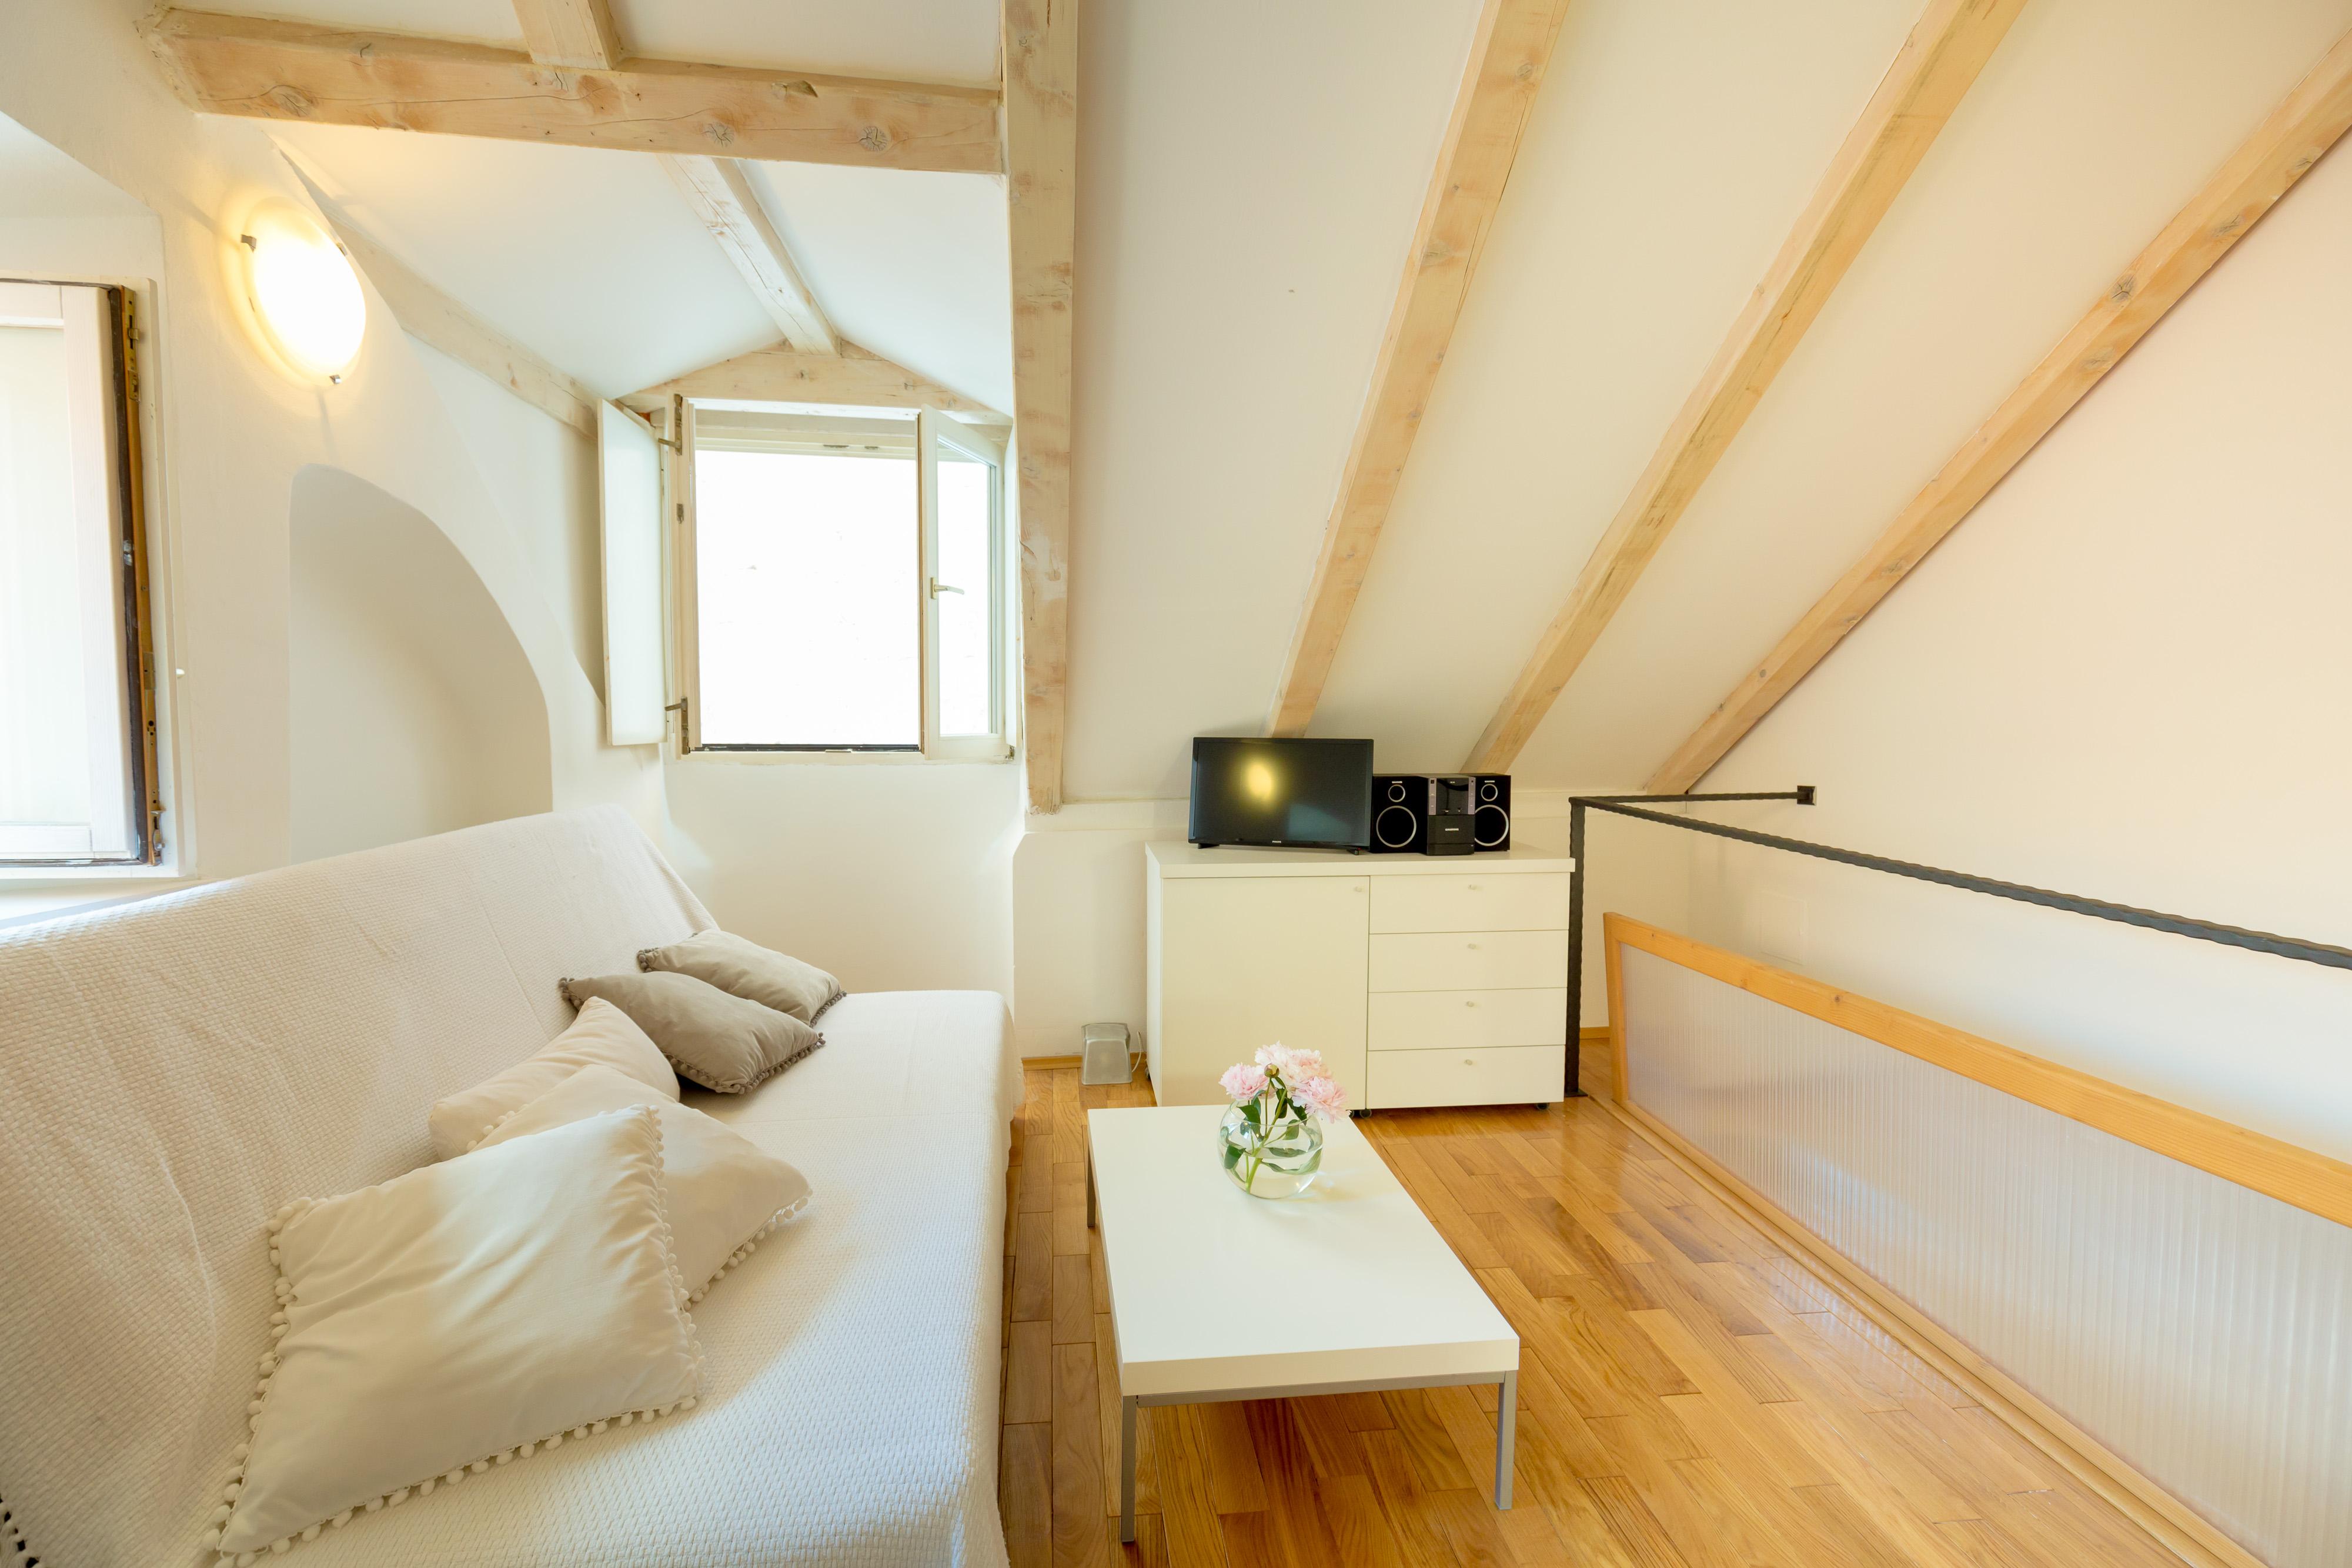 Apartments Hedera Estate, Hedera A11 - Breakfast included 53806, Dubrovnik, Dubrovnik, Dubrovnik Region